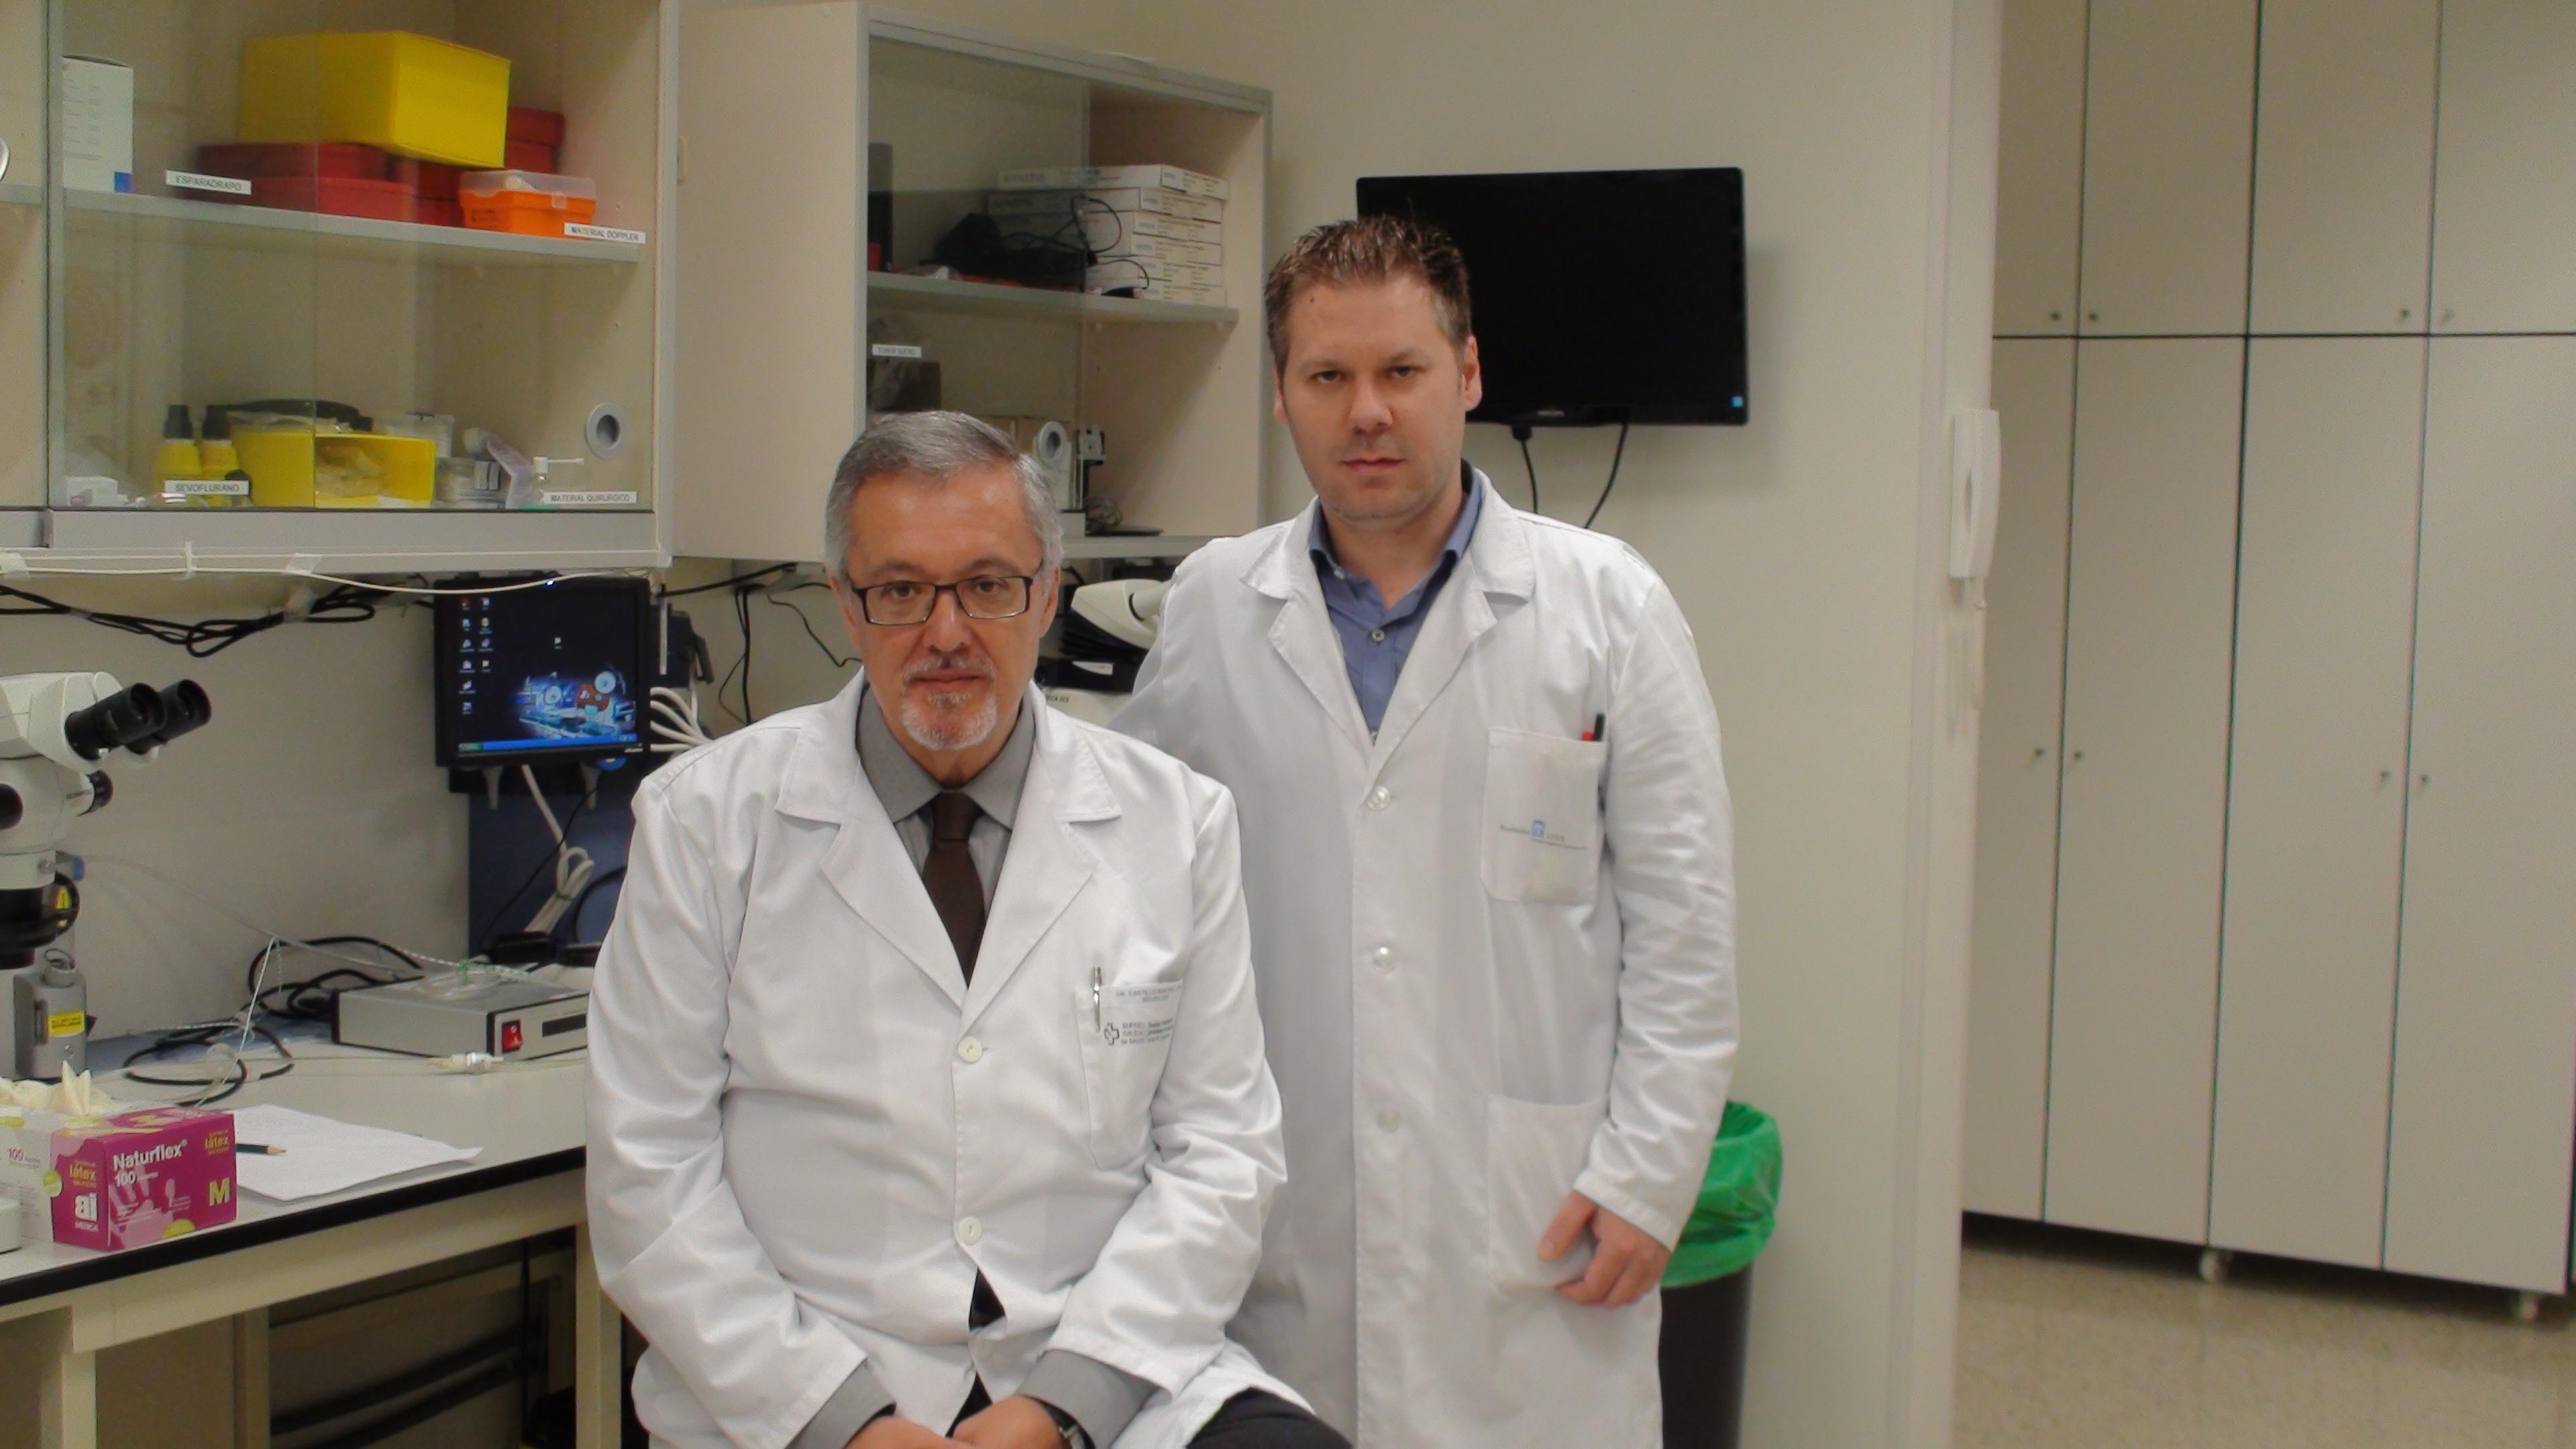 Investigadores demuestran que el aumento de una proteína de la sangre indica mayor daño cerebral tras un ictus